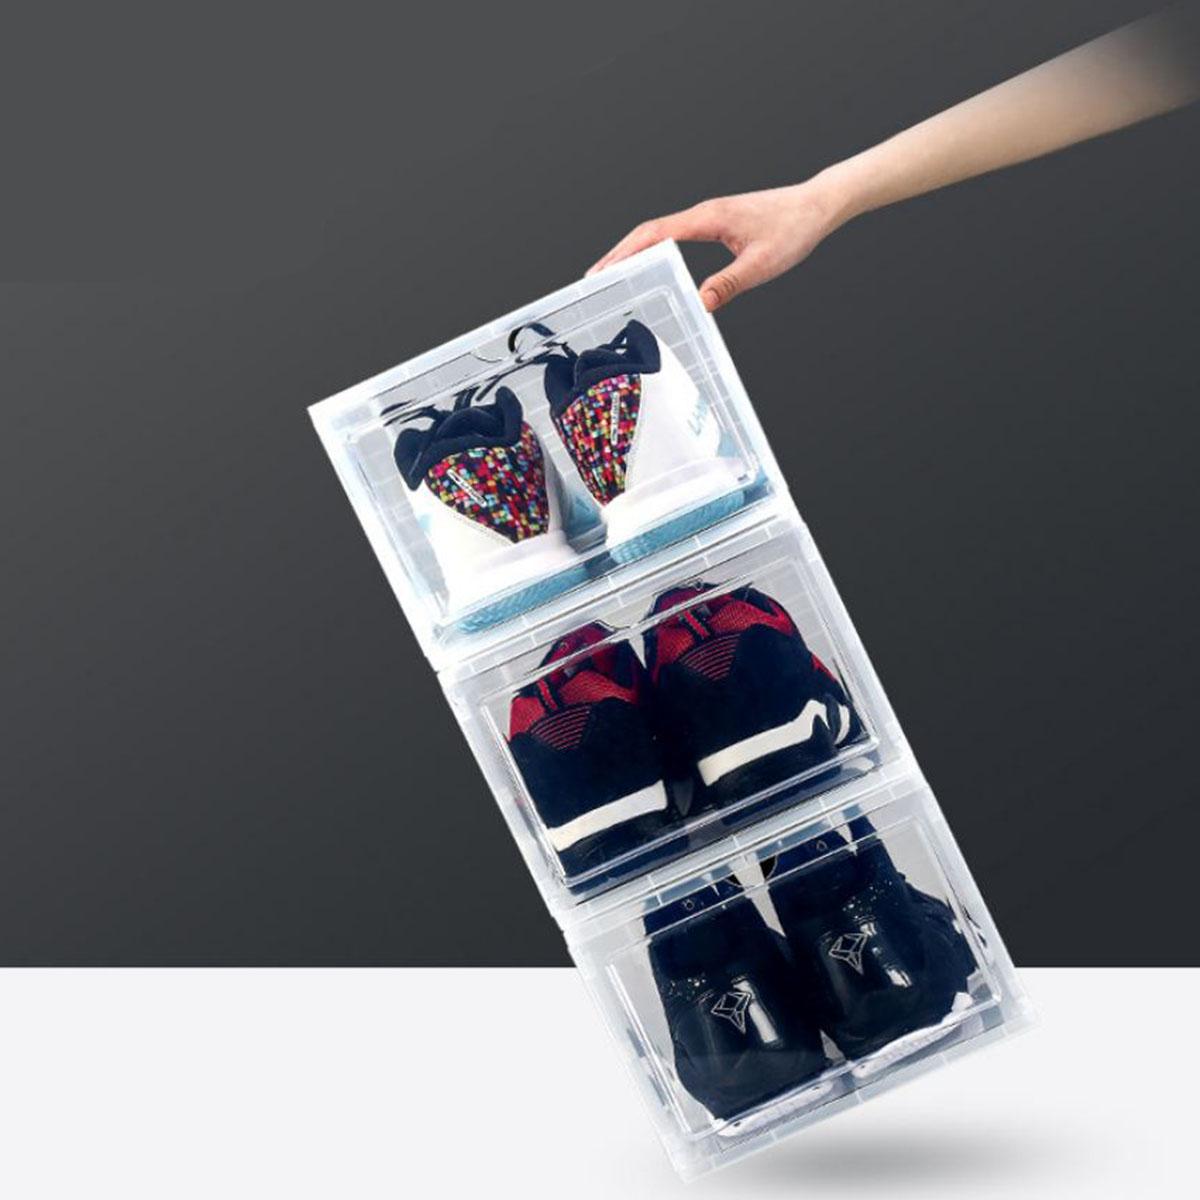 Hộp Đựng Giày H60 - Bộ 6 Hộp Chất Liệu Nhựa Cứng PP Cao Cấp Chịu Lực Tốt, Cửa Trong Suốt, Khóa Từ Nam Châm - Hộp Tháo Lắp Và Di Chuyển Dễ Dàng.